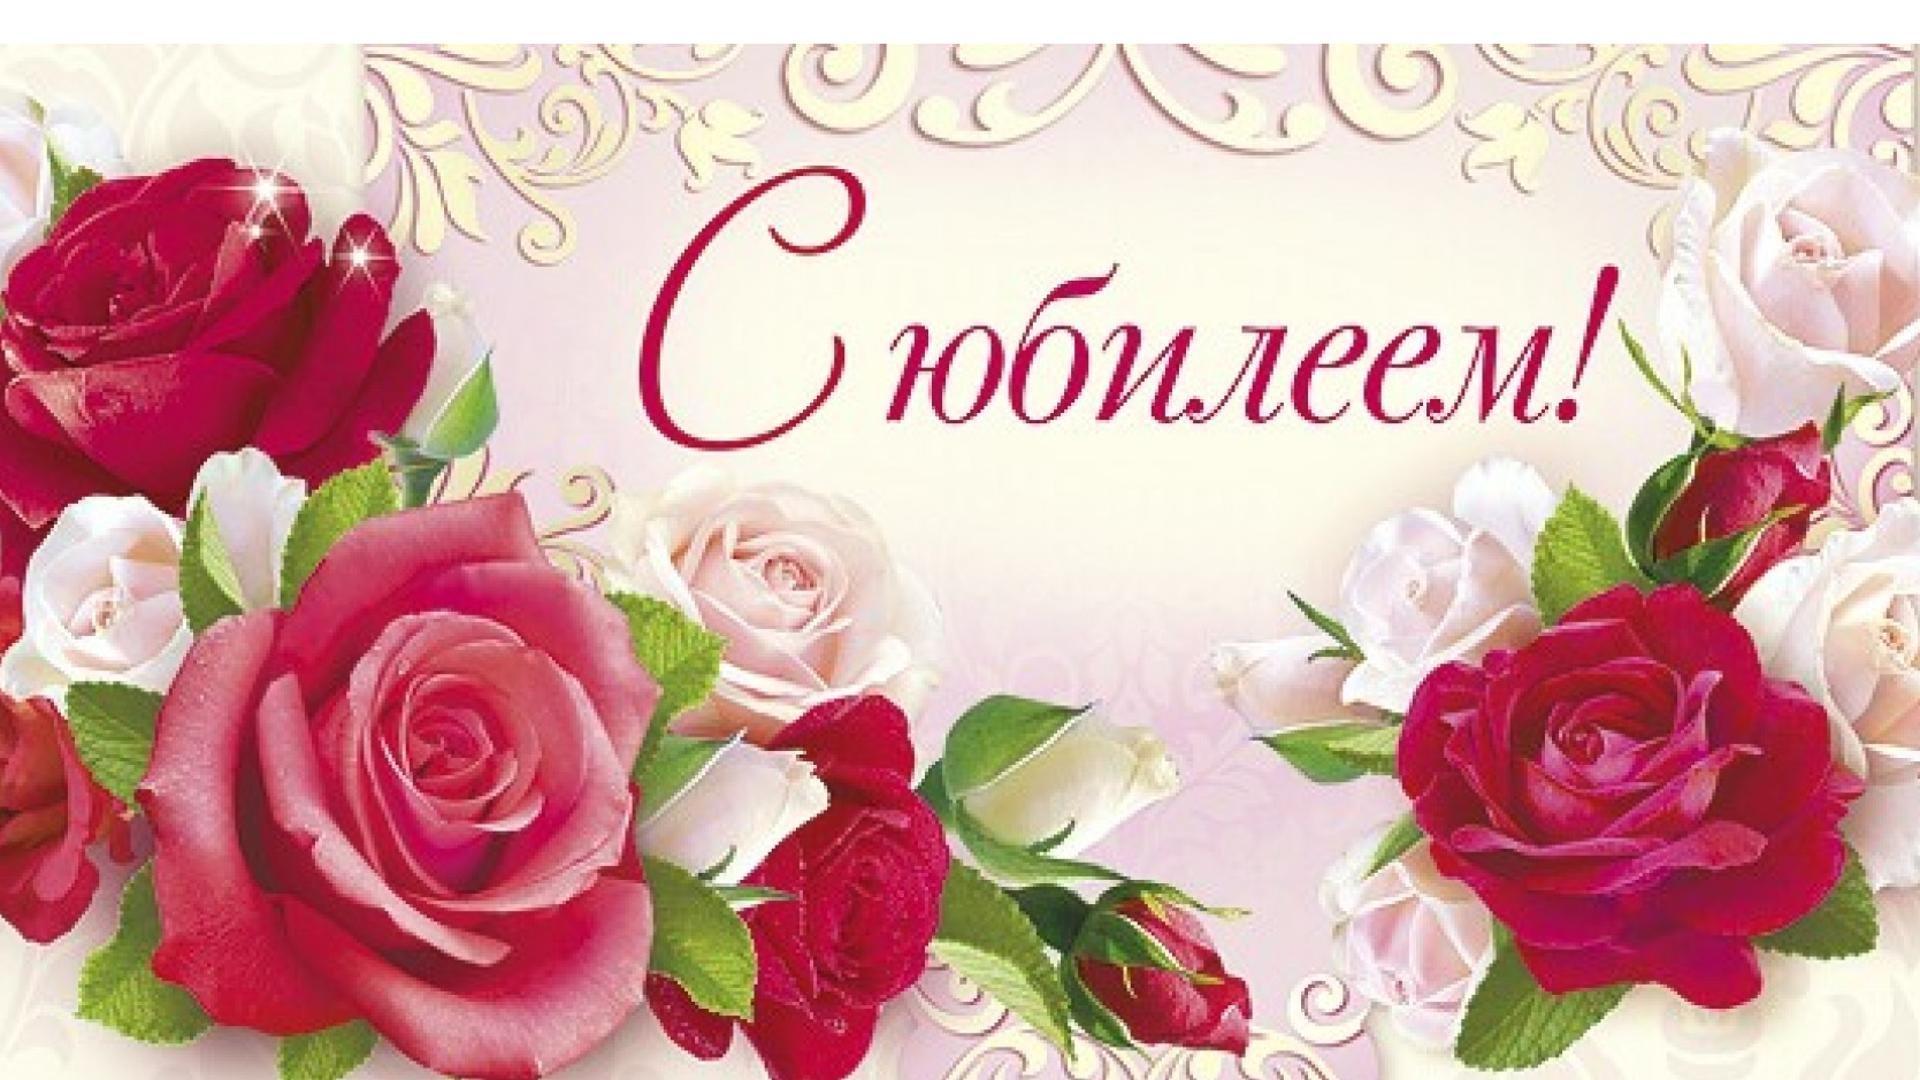 Поздравляем с юбилеем открытка для женщины